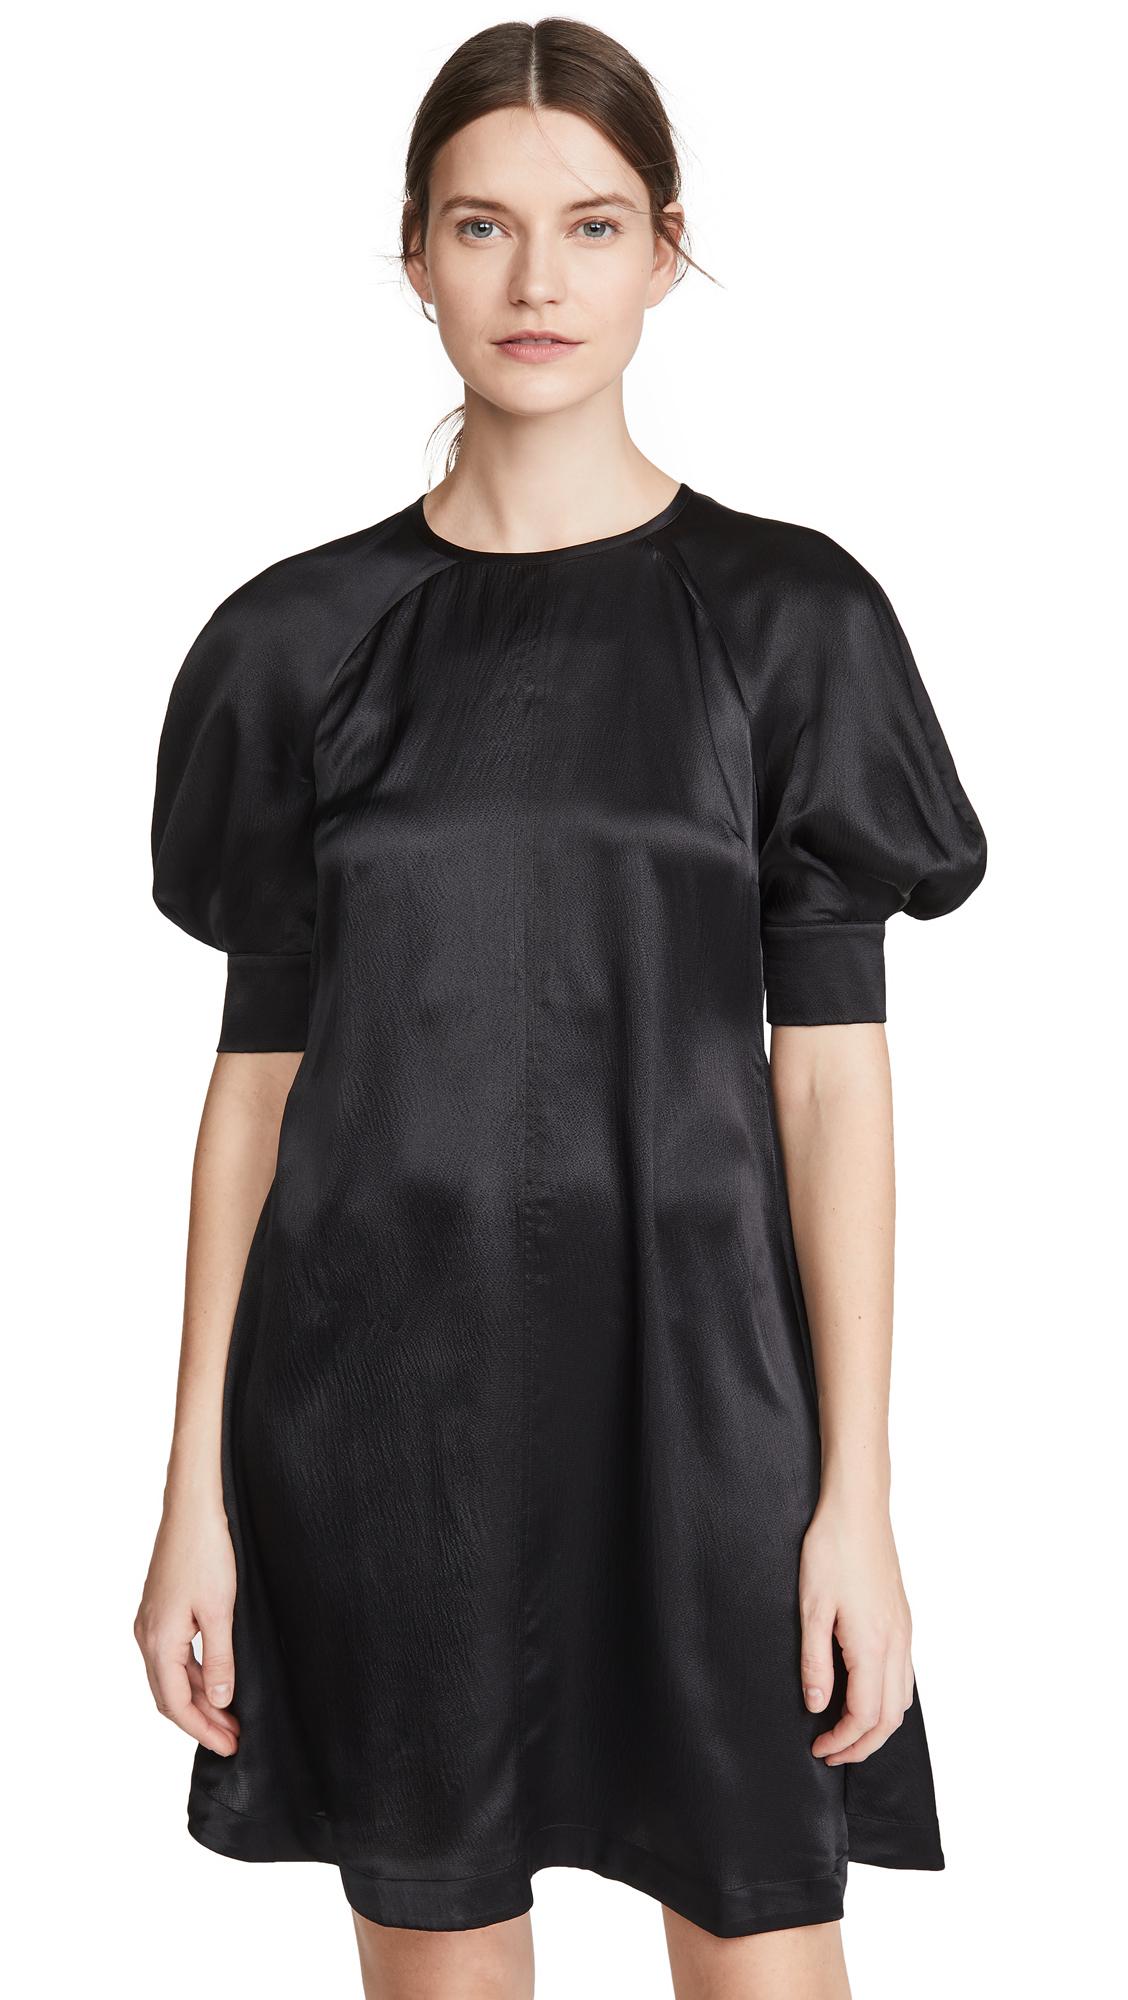 McQ - Alexander McQueen Hisano Mini Dress - 30% Off Sale